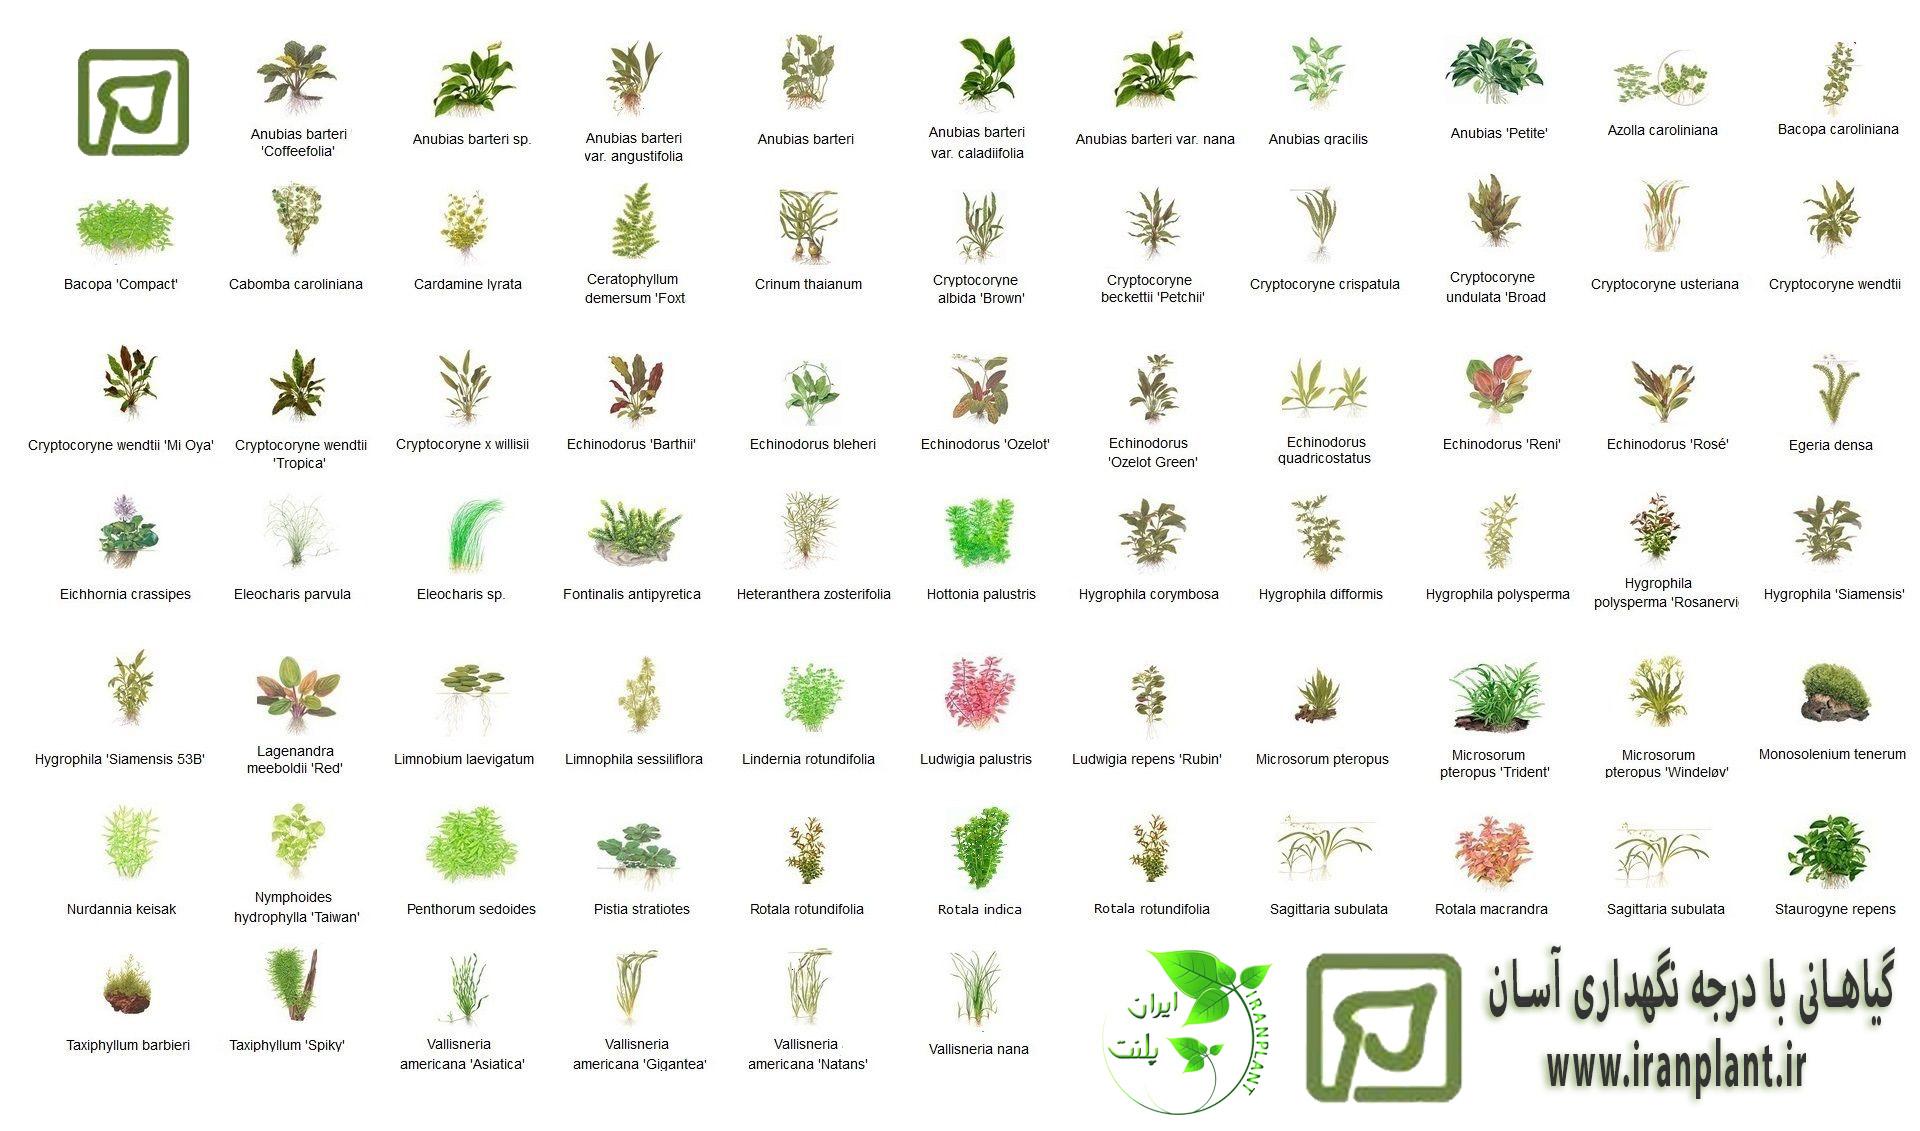 نگاهی کلی به گیاهان آبزی